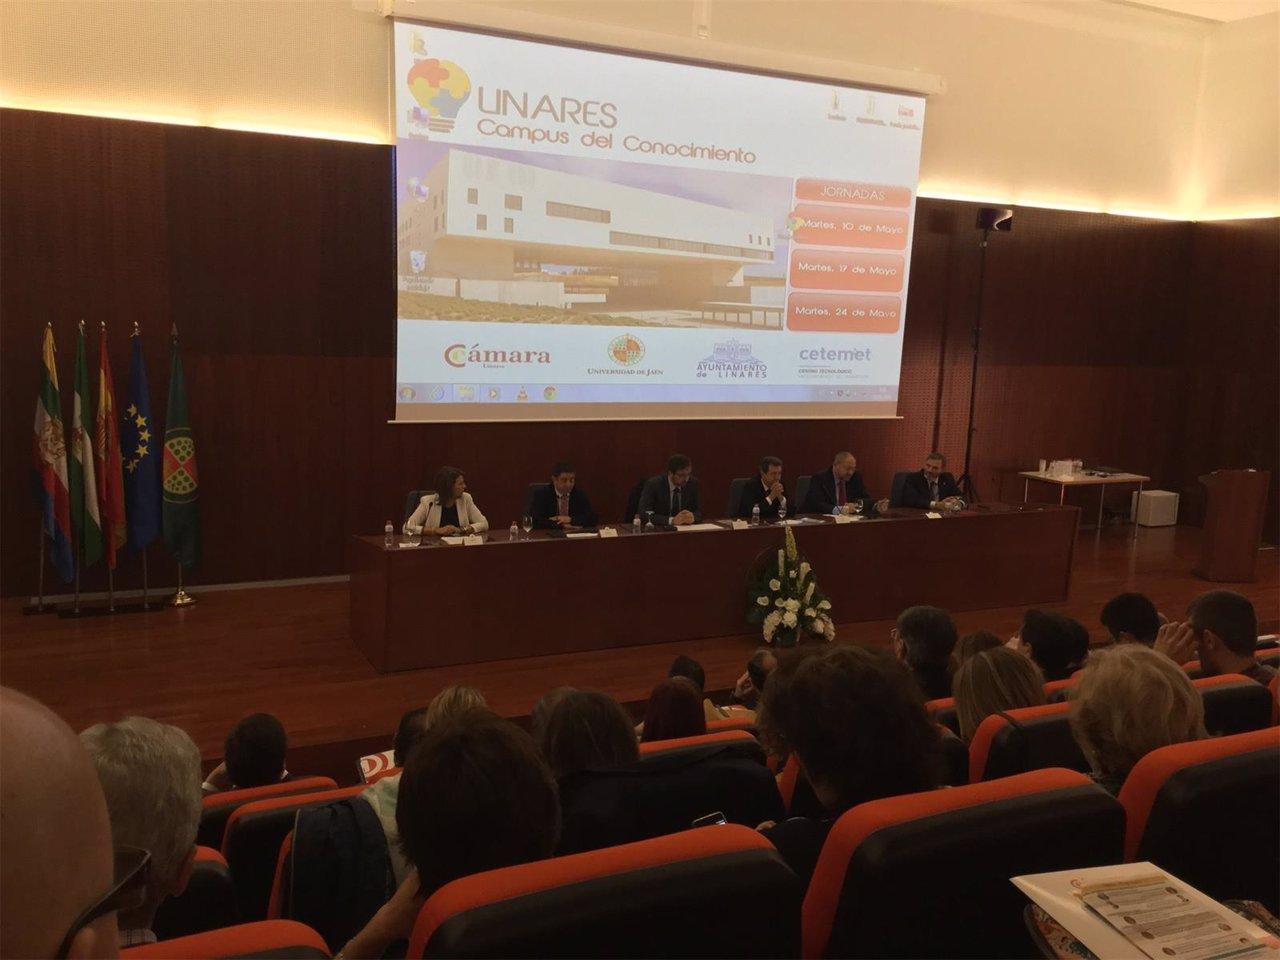 Celebración de las jornadas Campus del Conocimiento.